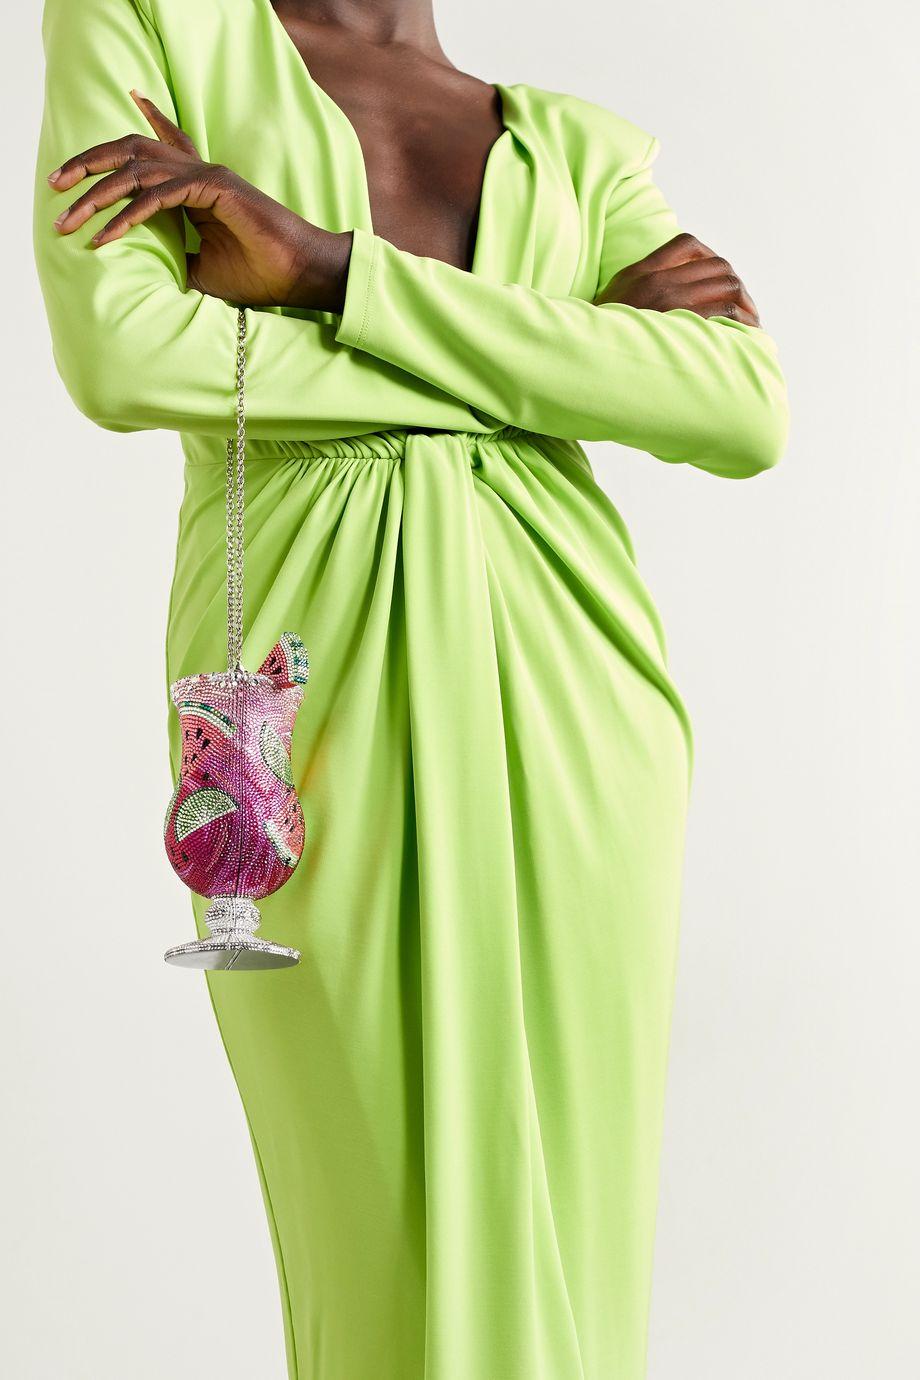 Judith Leiber Couture Cocktail Watermelon silberfarbene Clutch mit Kristallen